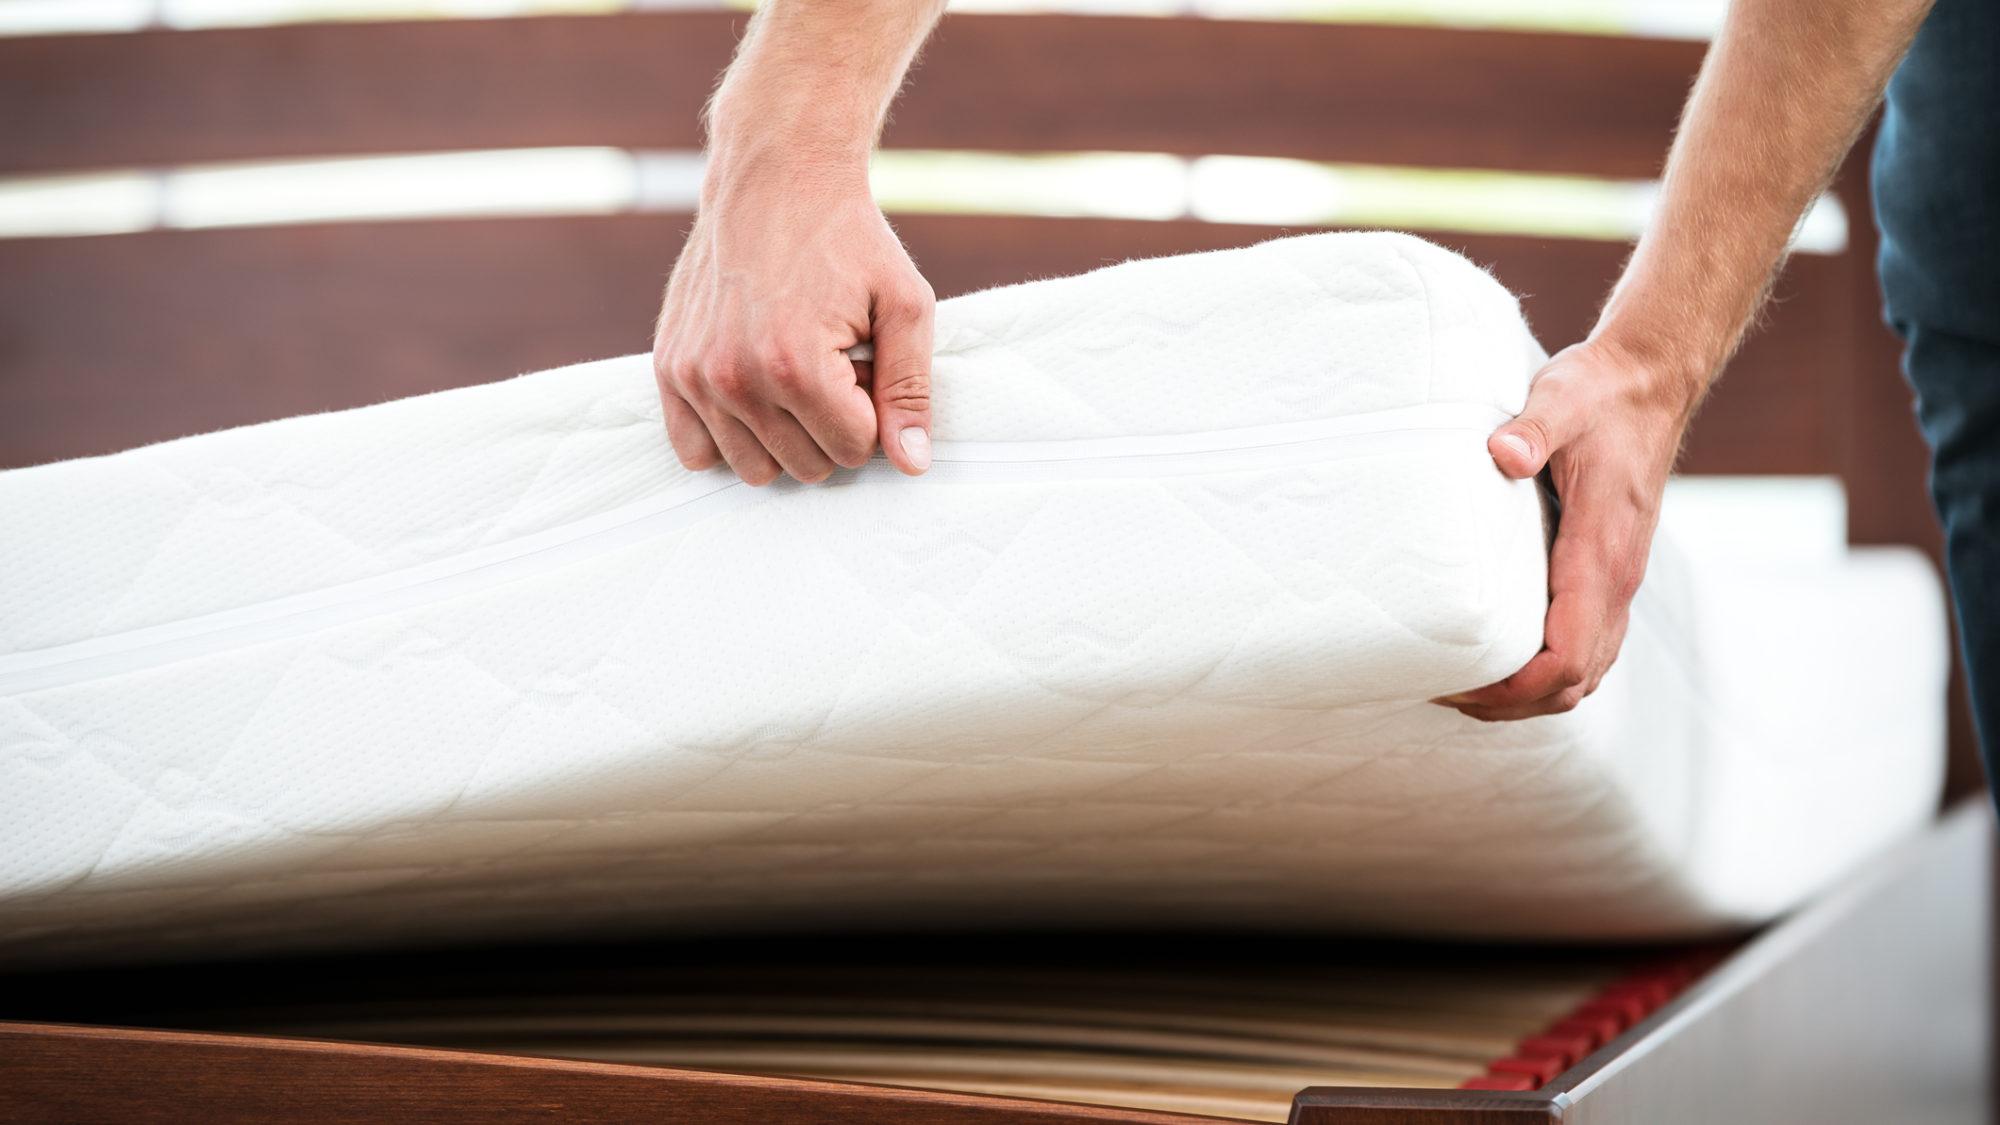 Colchões: como cuidar e dar-lhes mais anos de vida